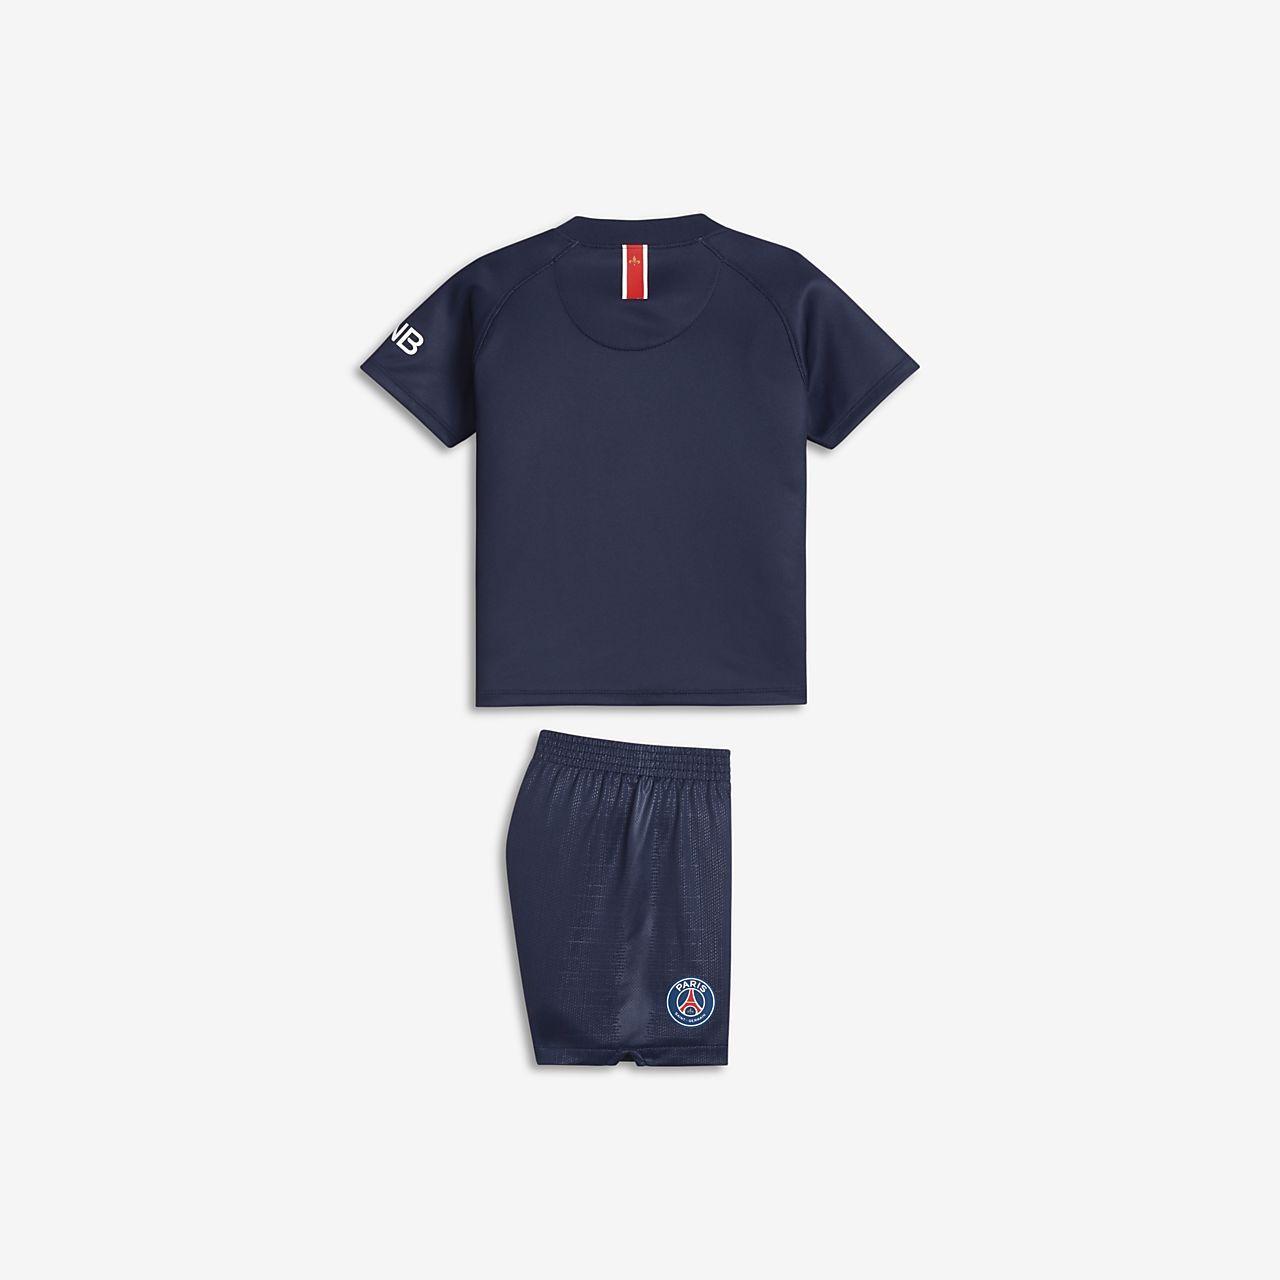 ce1052d00 2018 19 Paris Saint-Germain Stadium Home Baby Football Kit. Nike.com ZA